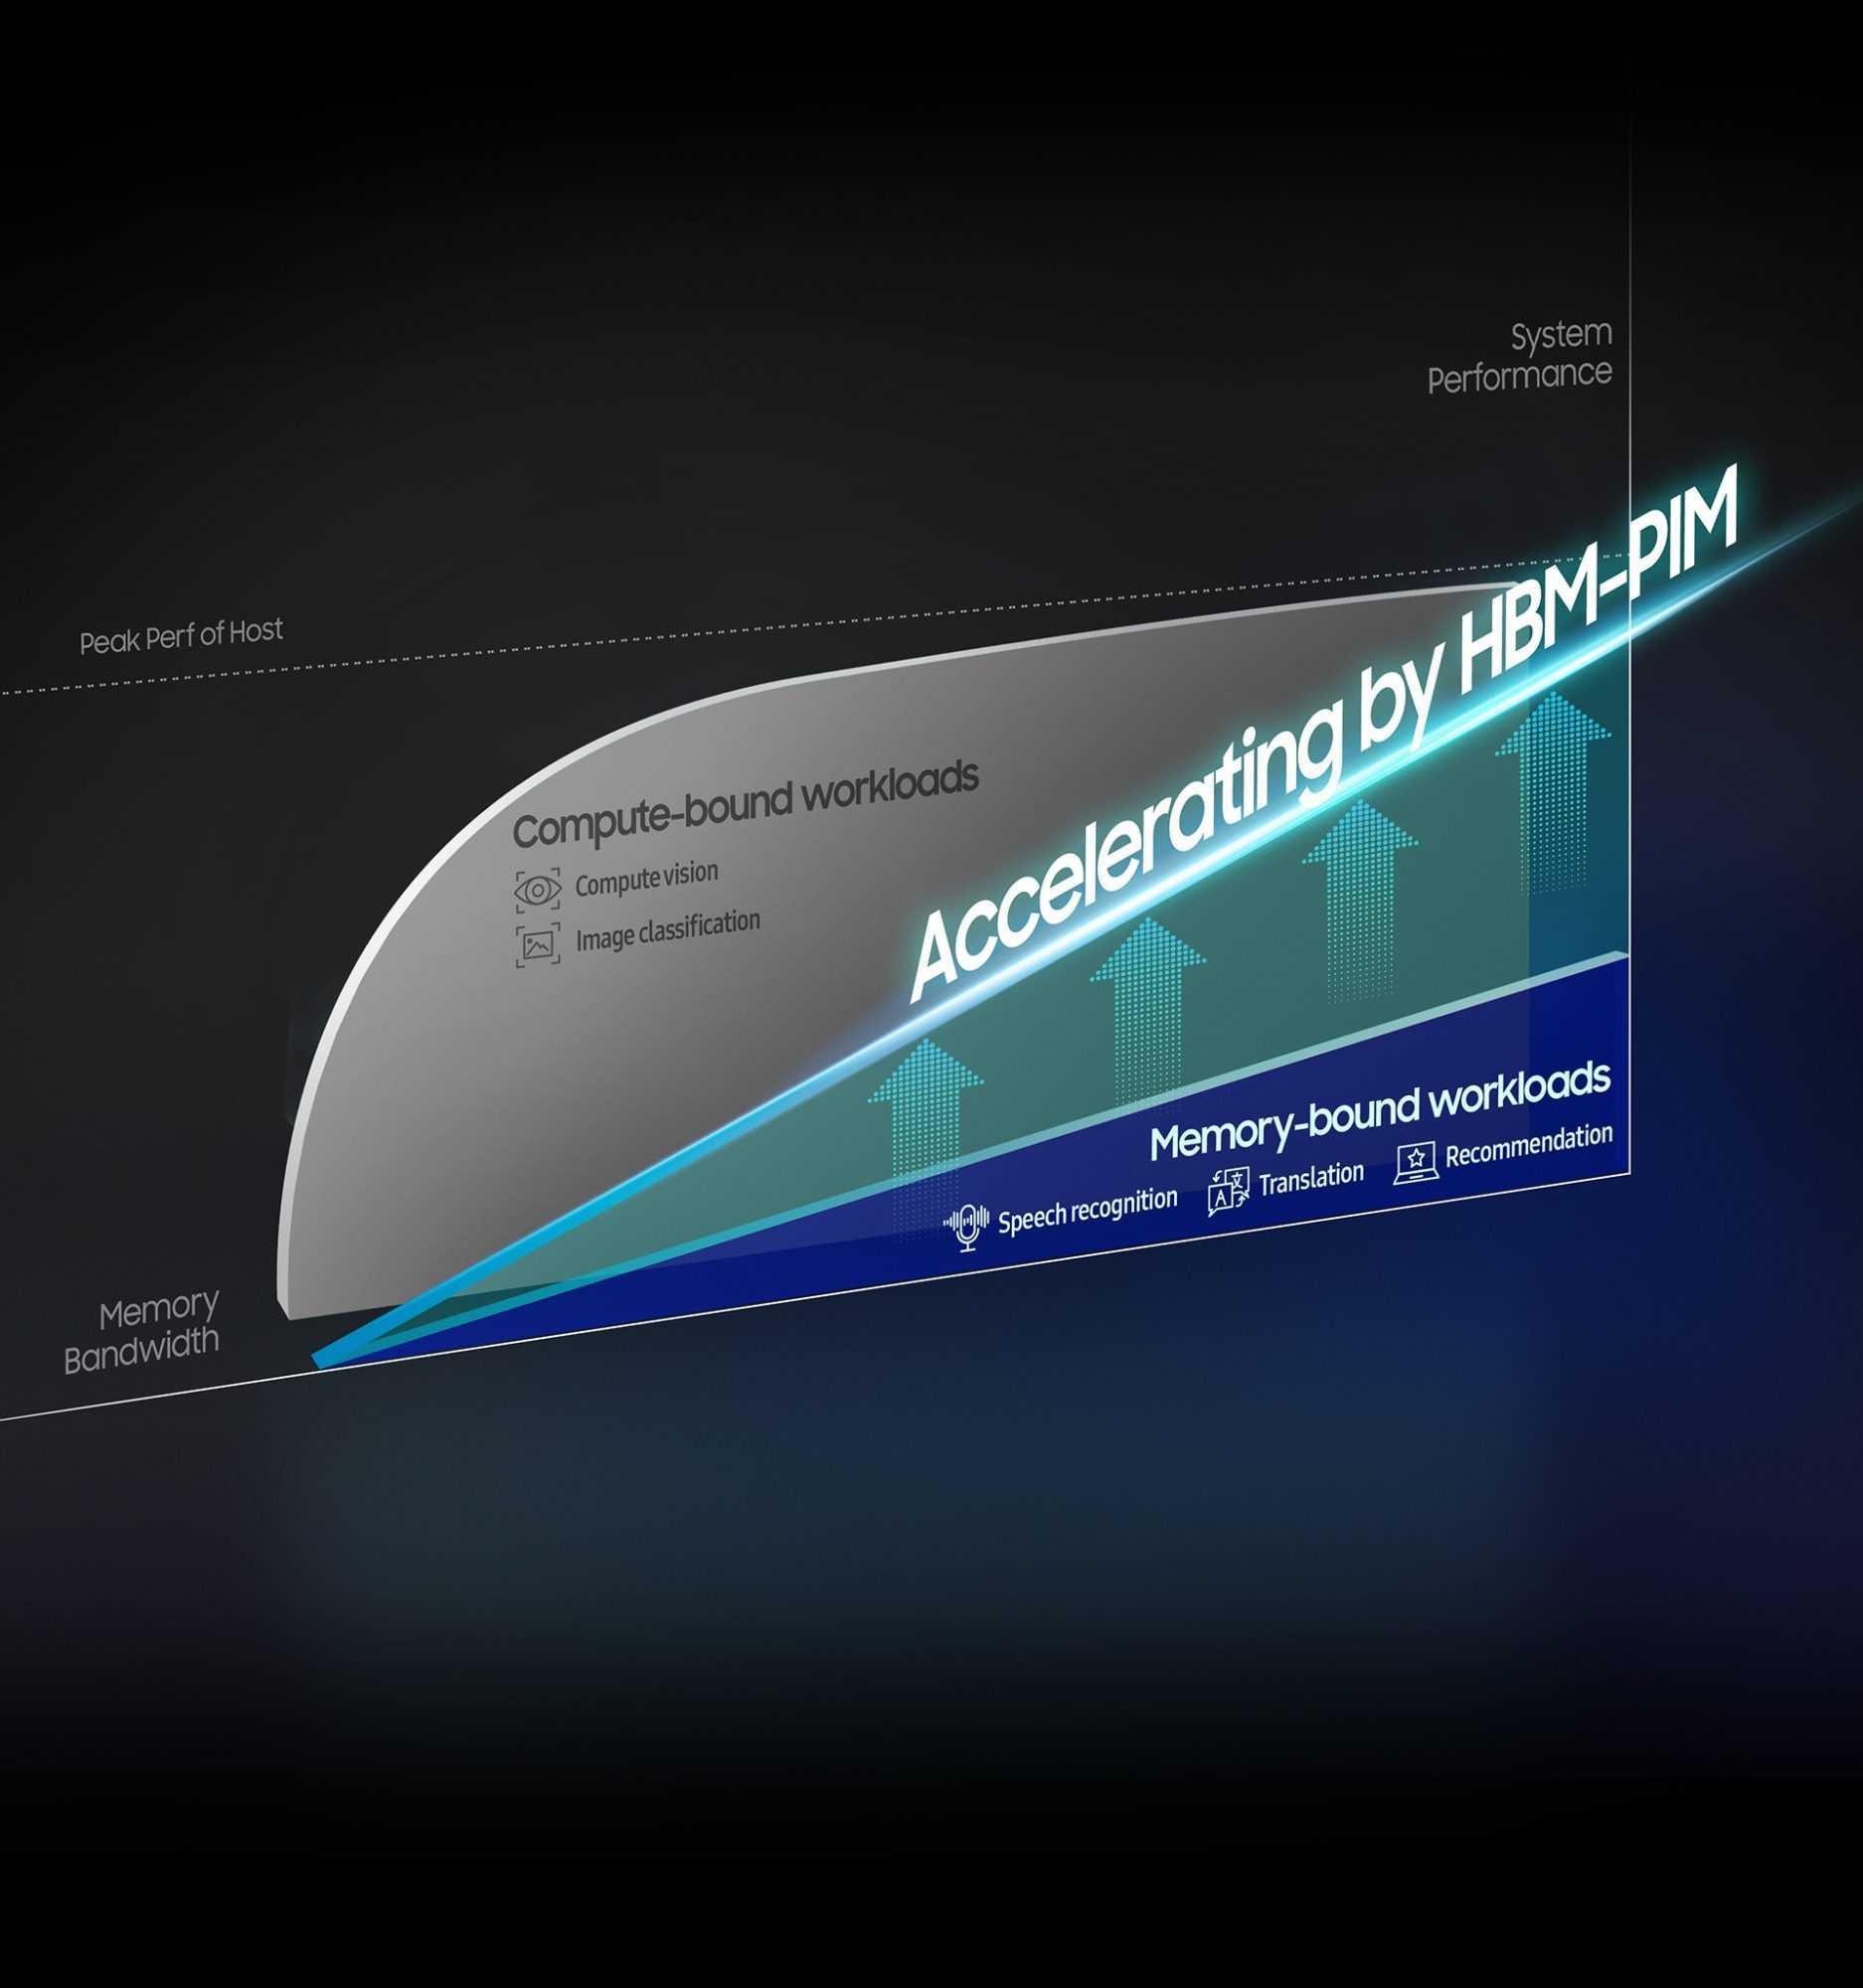 Samsung: arriva la memoria HBM-PIM per l'intelligenza artificiale